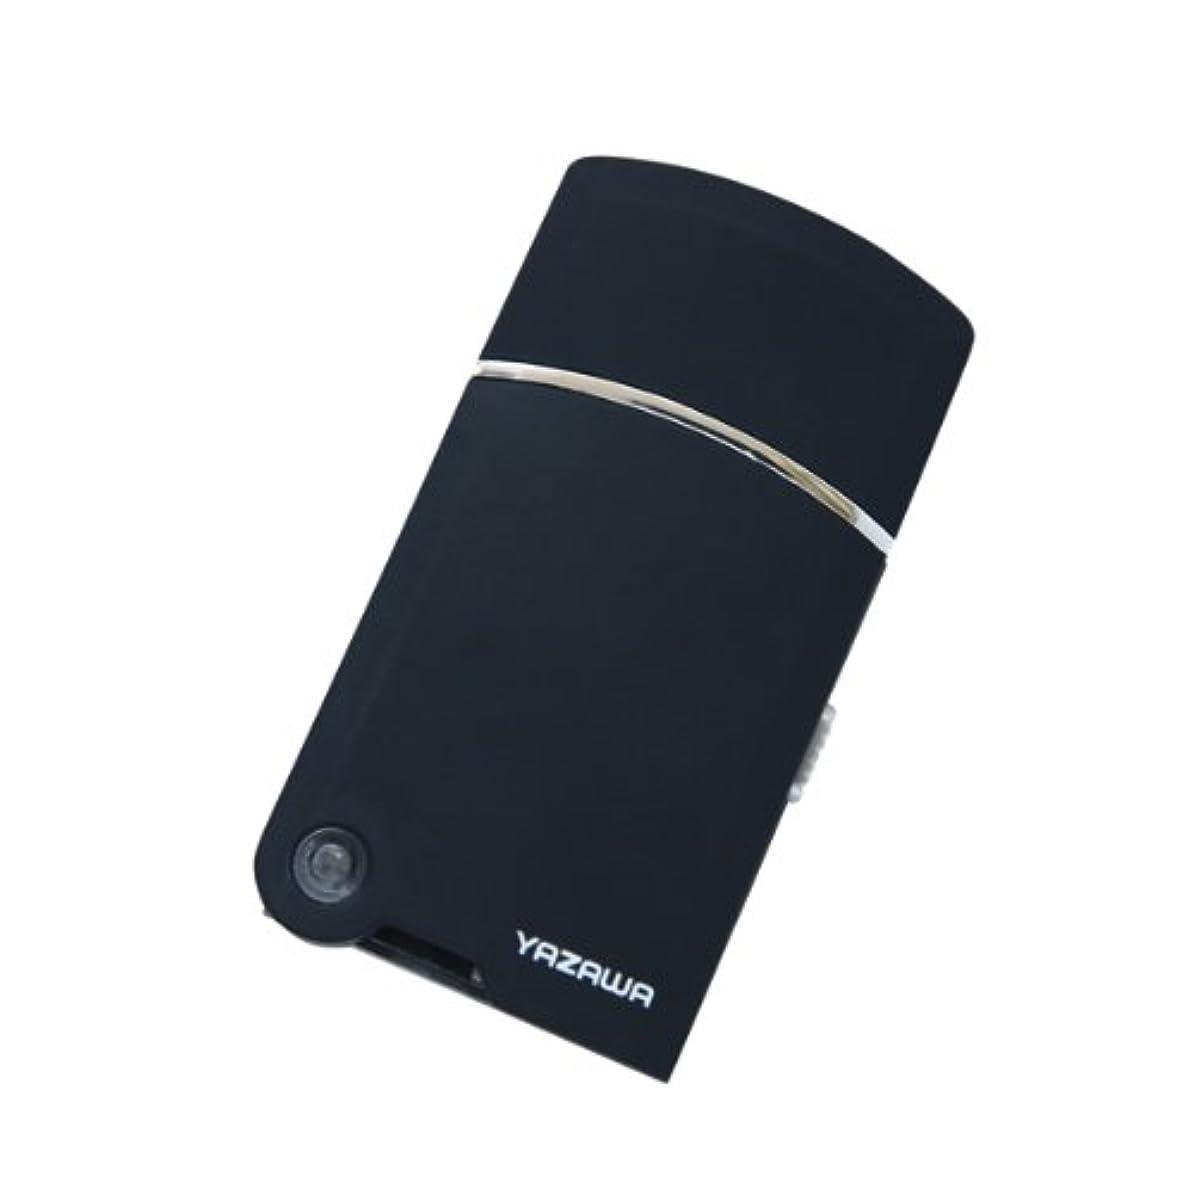 瀬戸際きらきら最少ヤザワ トラベルUSBシェーバー USB充電式 掃除用ブラシ付き TVR08BK